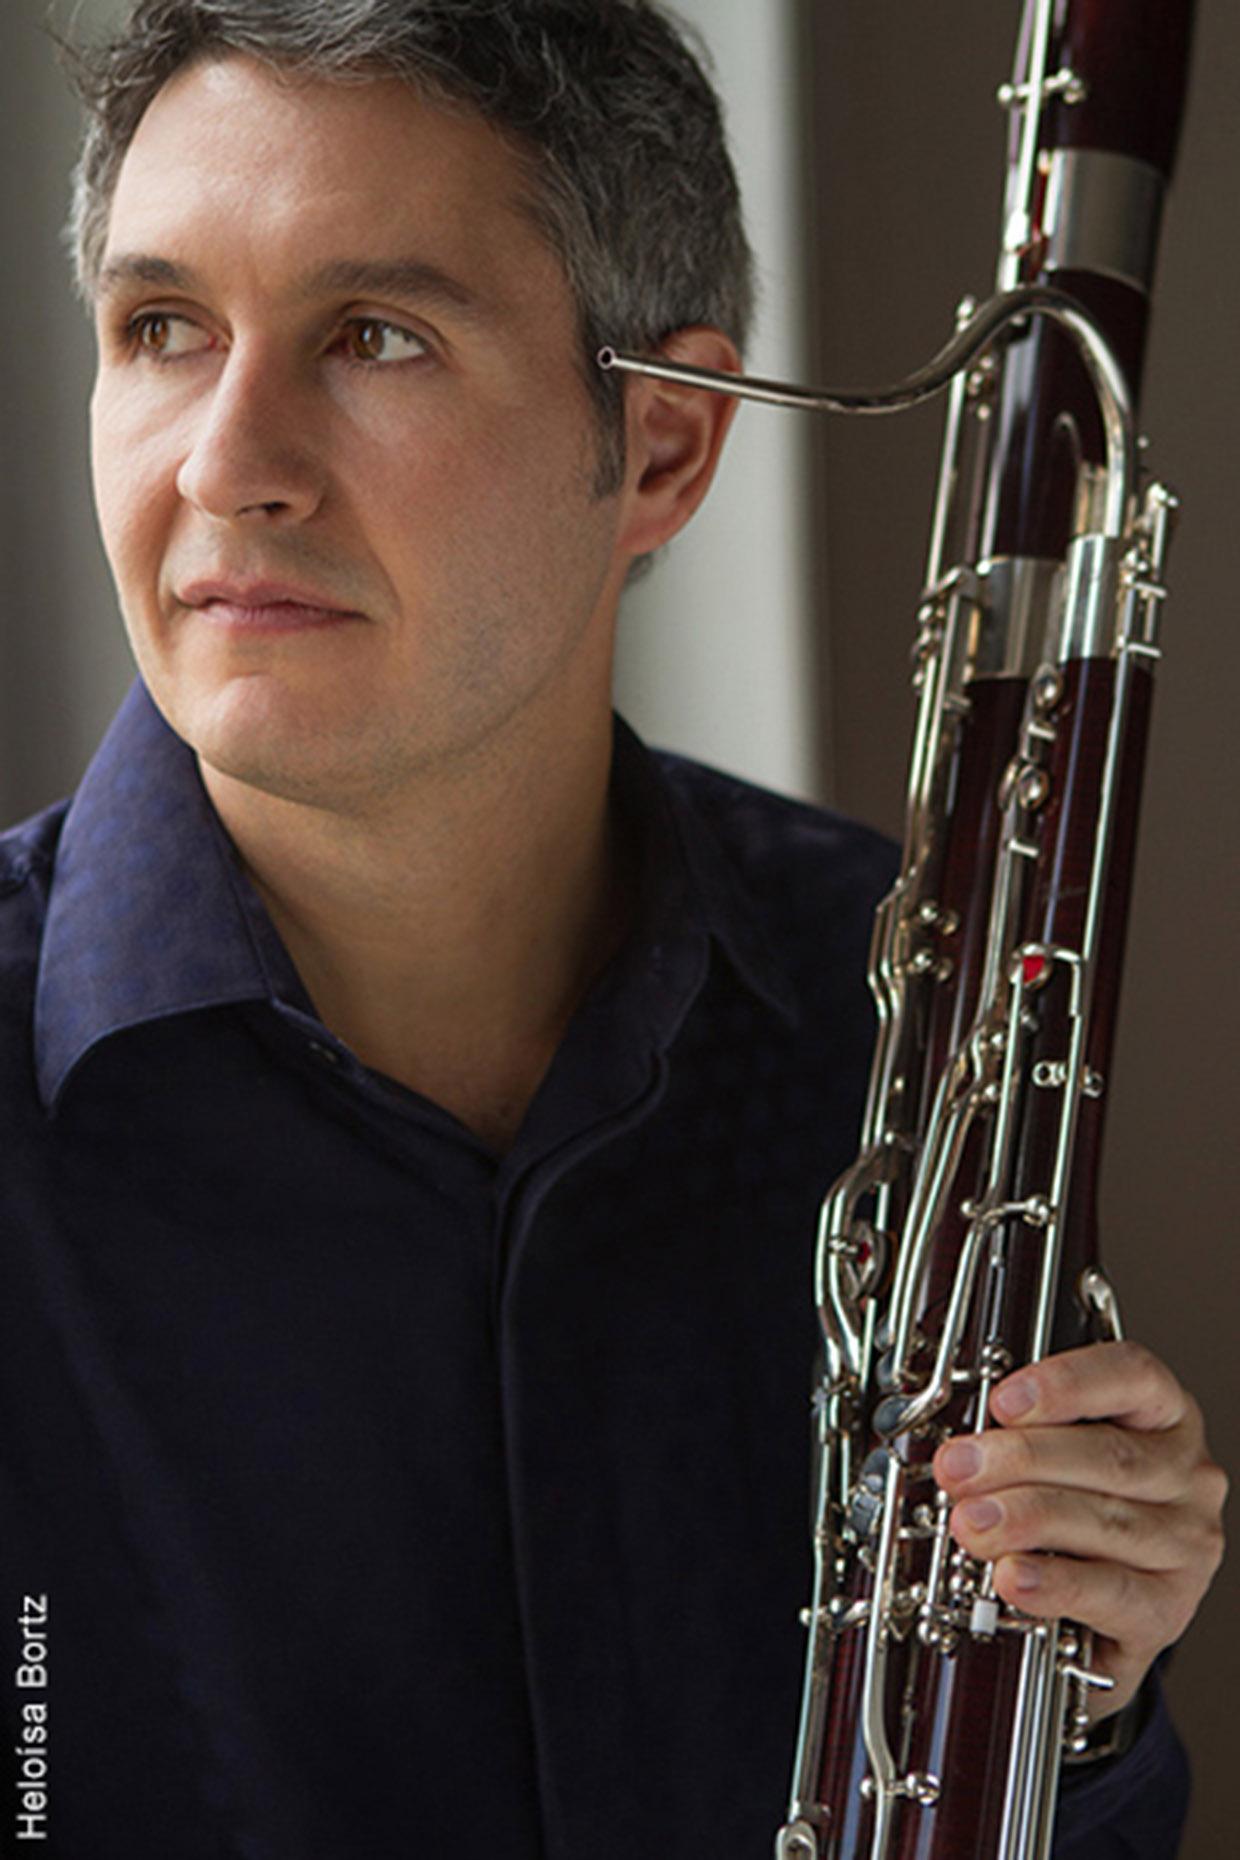 Fagotista Fábio Cury toca desde os 11 anos e tem formação acadêmica na Alemanha